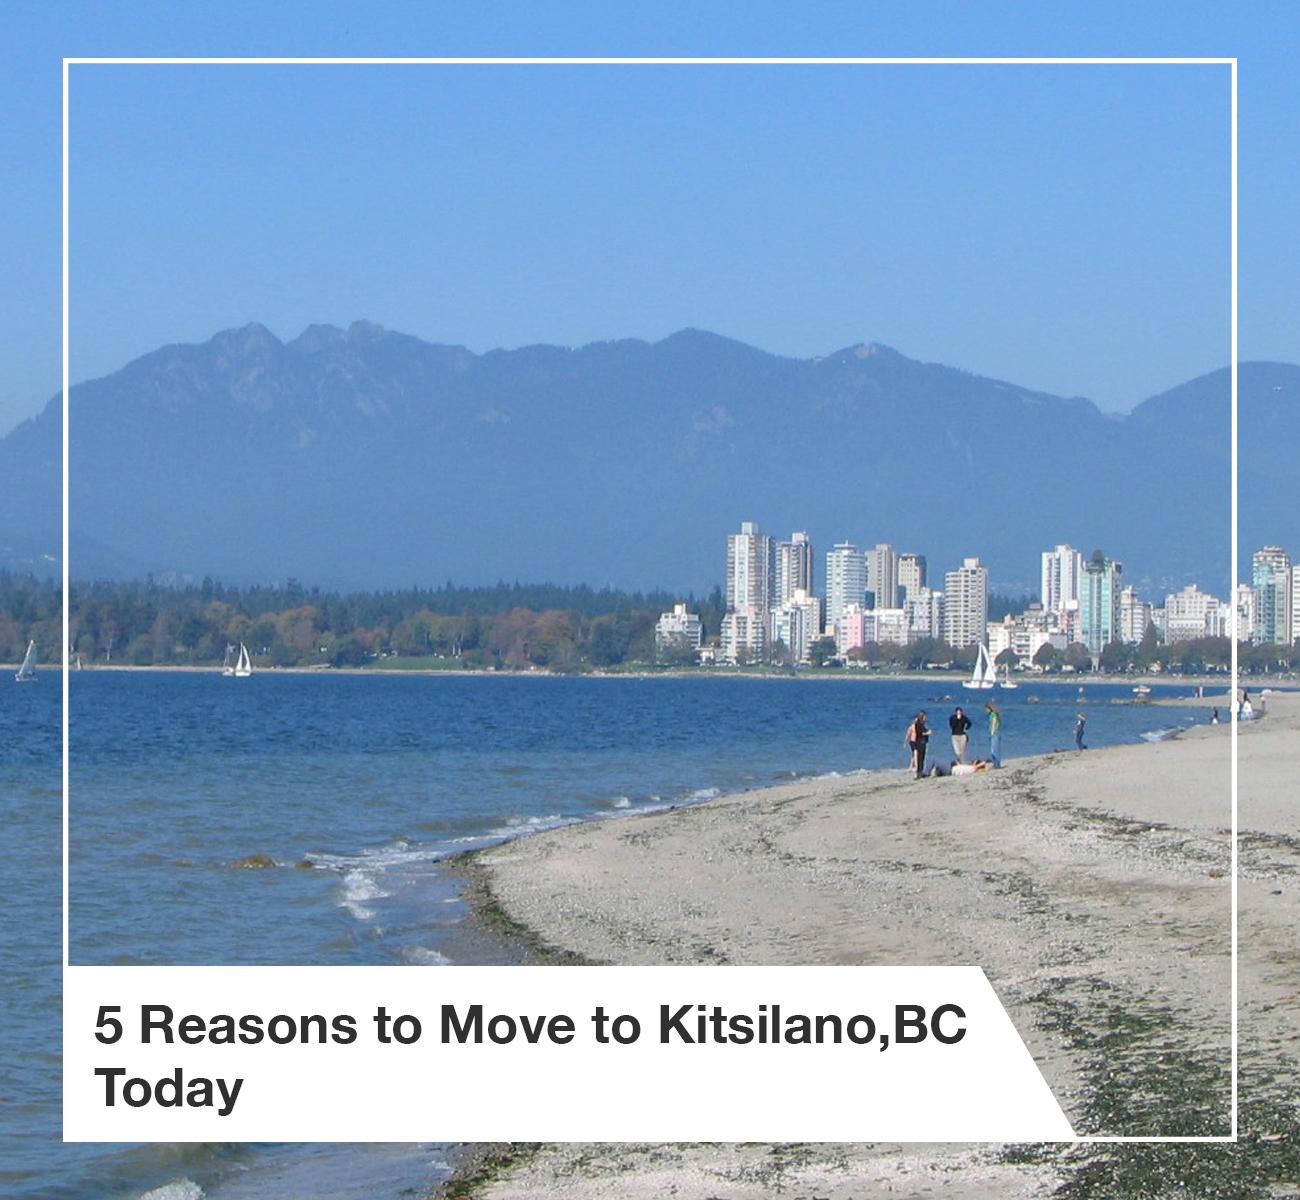 Reasons To Move to Kitsilano, BC